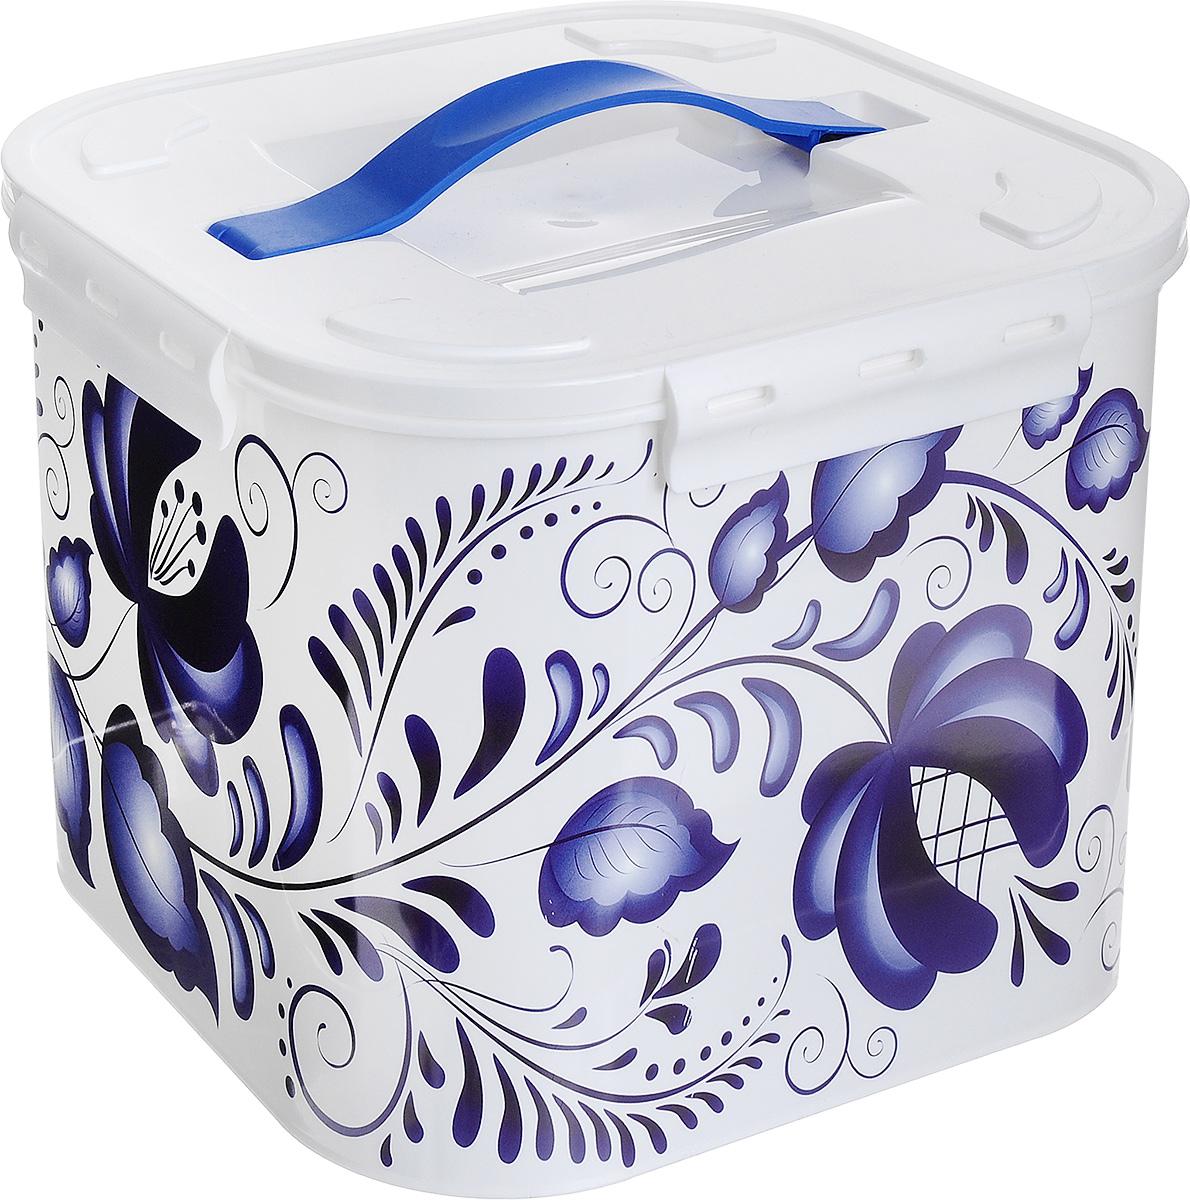 Контейнер для хранения Idea Гжель, 7 л ящики для игрушек альтернатива башпласт контейнер лапландия 7 л